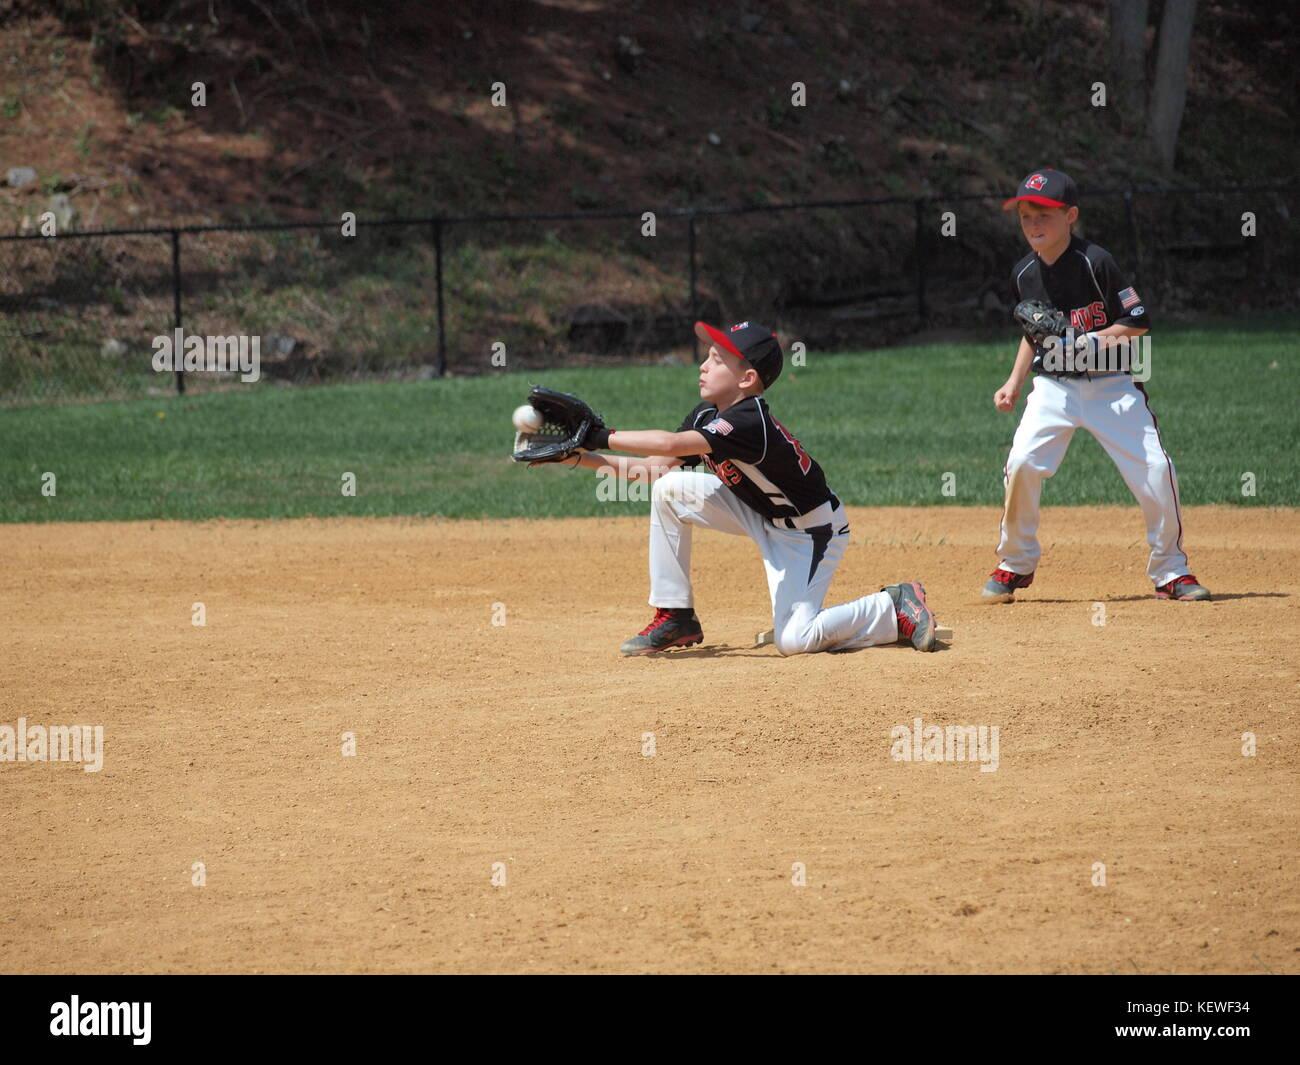 El jugador de la Little League paró la pelota durante el caluroso día de verano. Foto de stock